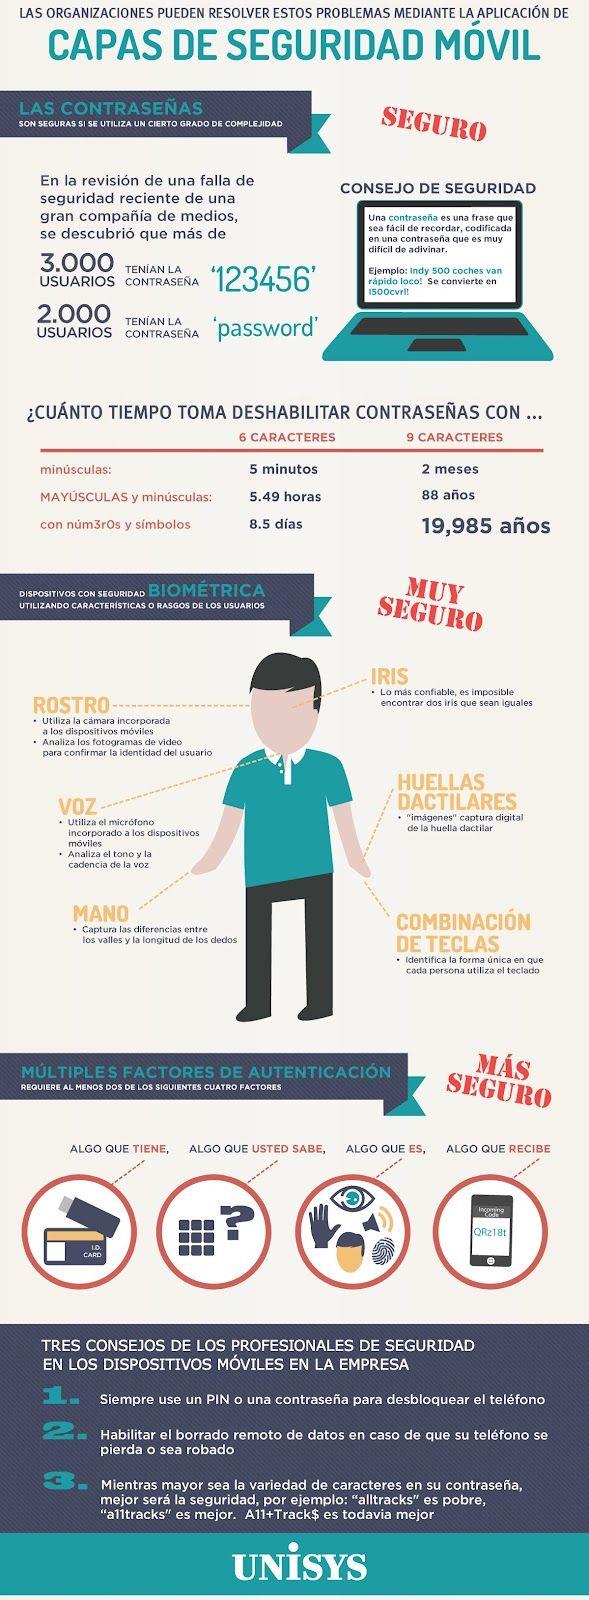 La seguridad en dispositivos móviles, la gran amenaza en empresas 29